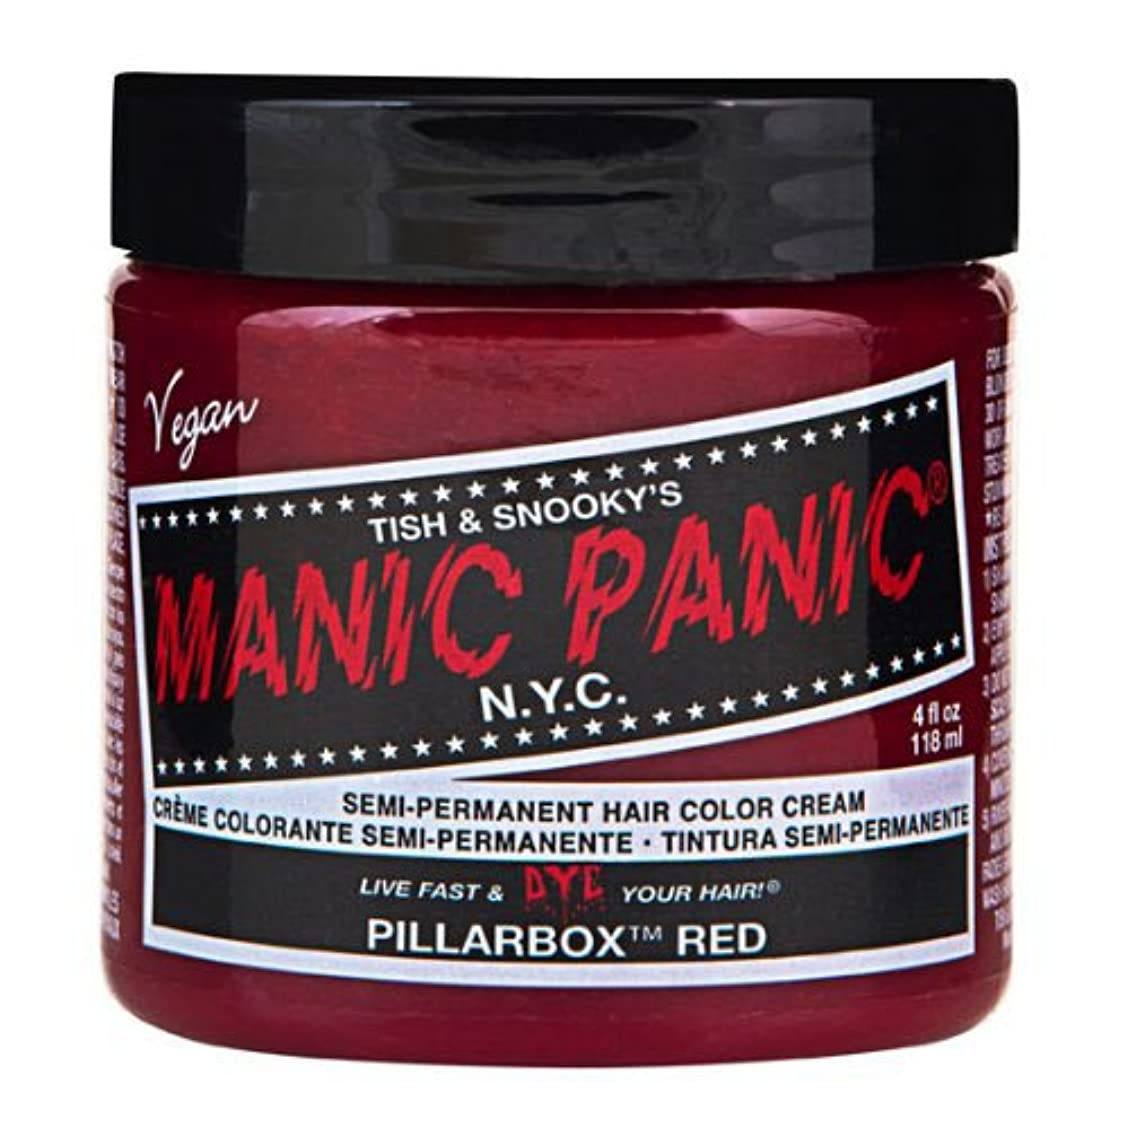 防腐剤インフルエンザ最終マニックパニック カラークリーム ピラーボックスレッド